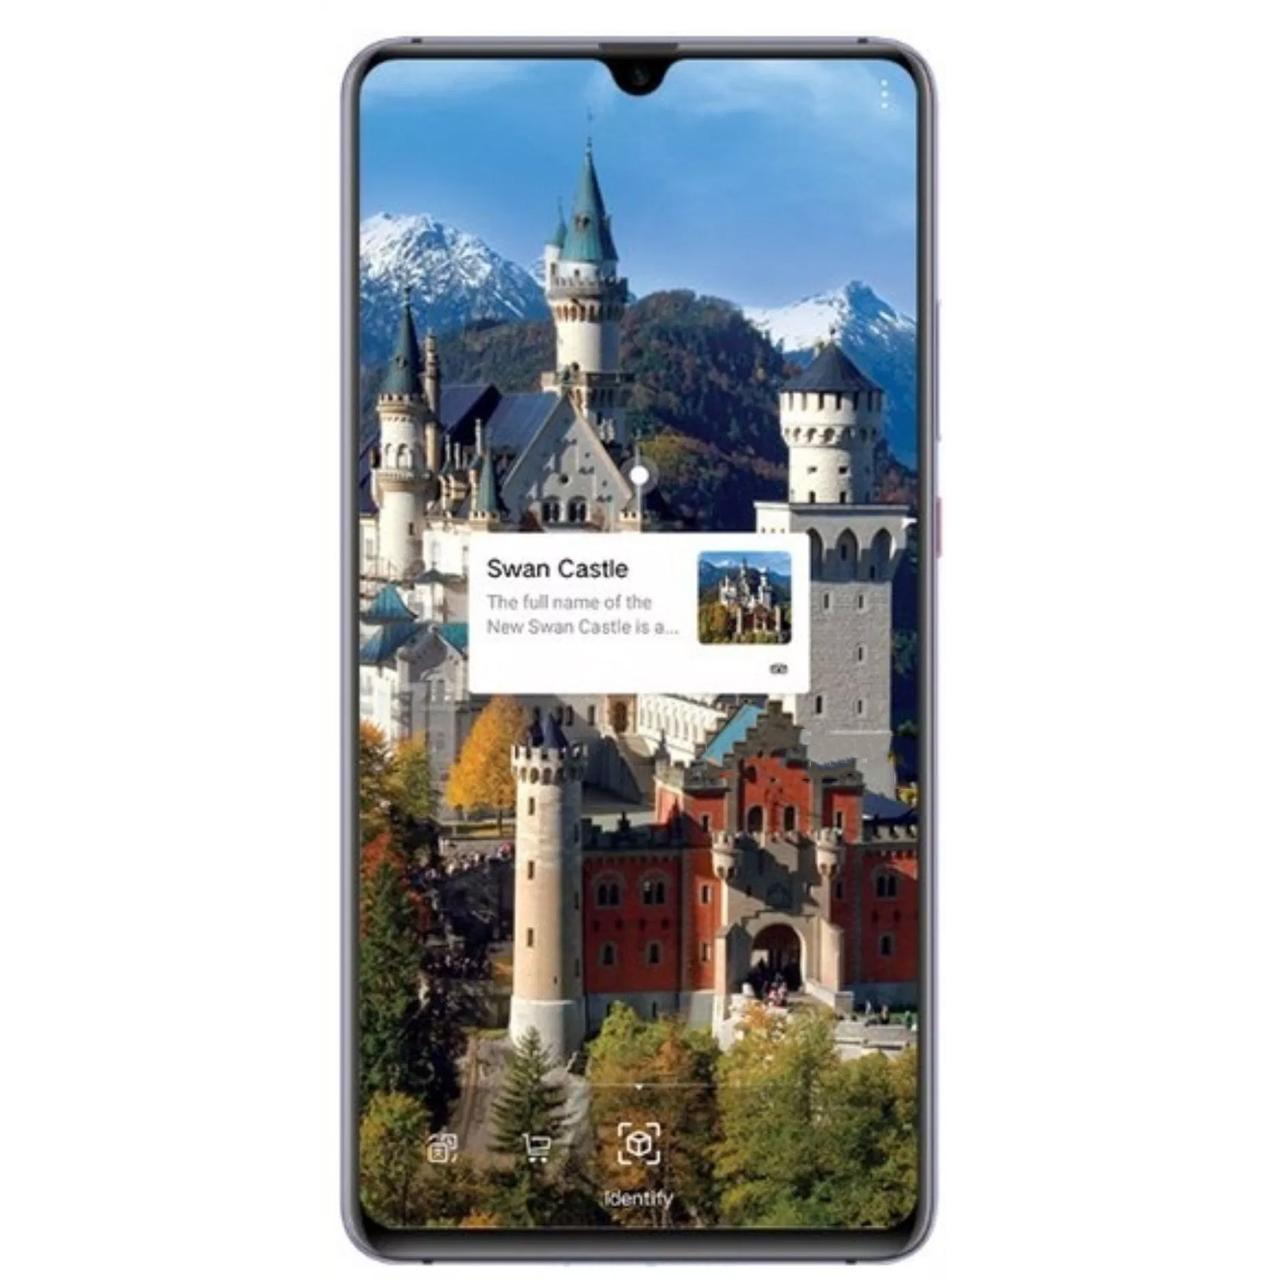 گوشی موبایل هوآوی مدل Mate 20 X دو سیم کارت ظرفیت 128 گیگابایت